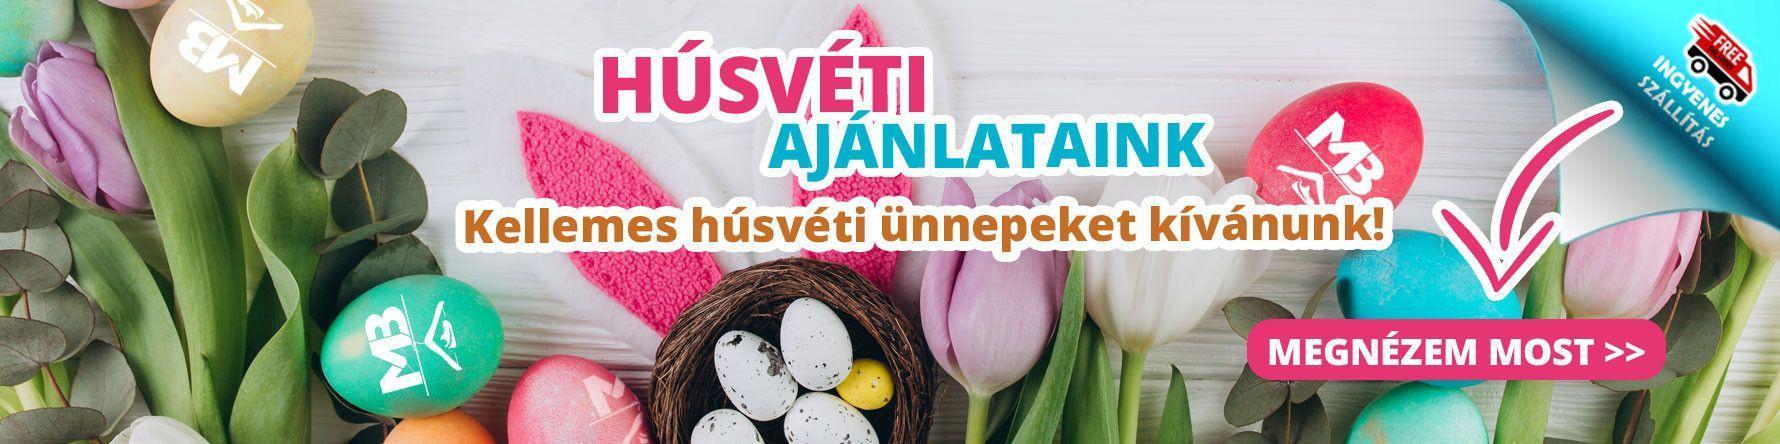 Készülj velünk a húsvétra!